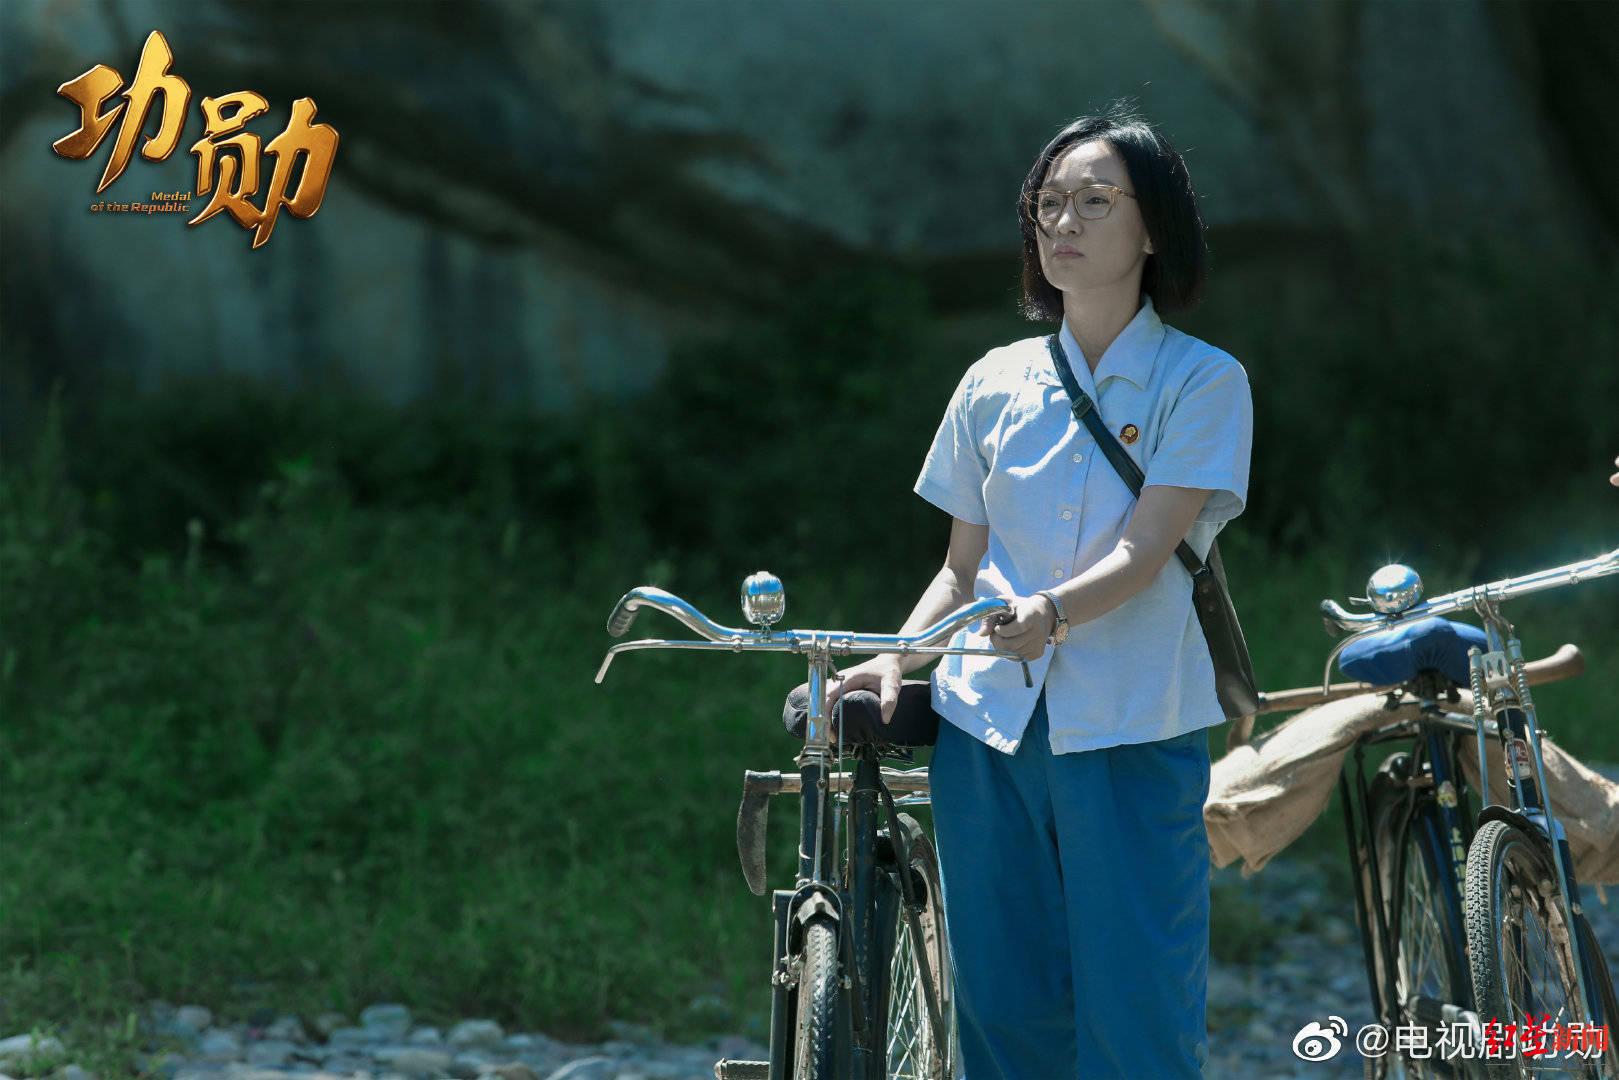 屠呦呦认可周迅演自己 导演郑晓龙:她连走路拿包都进入了角色